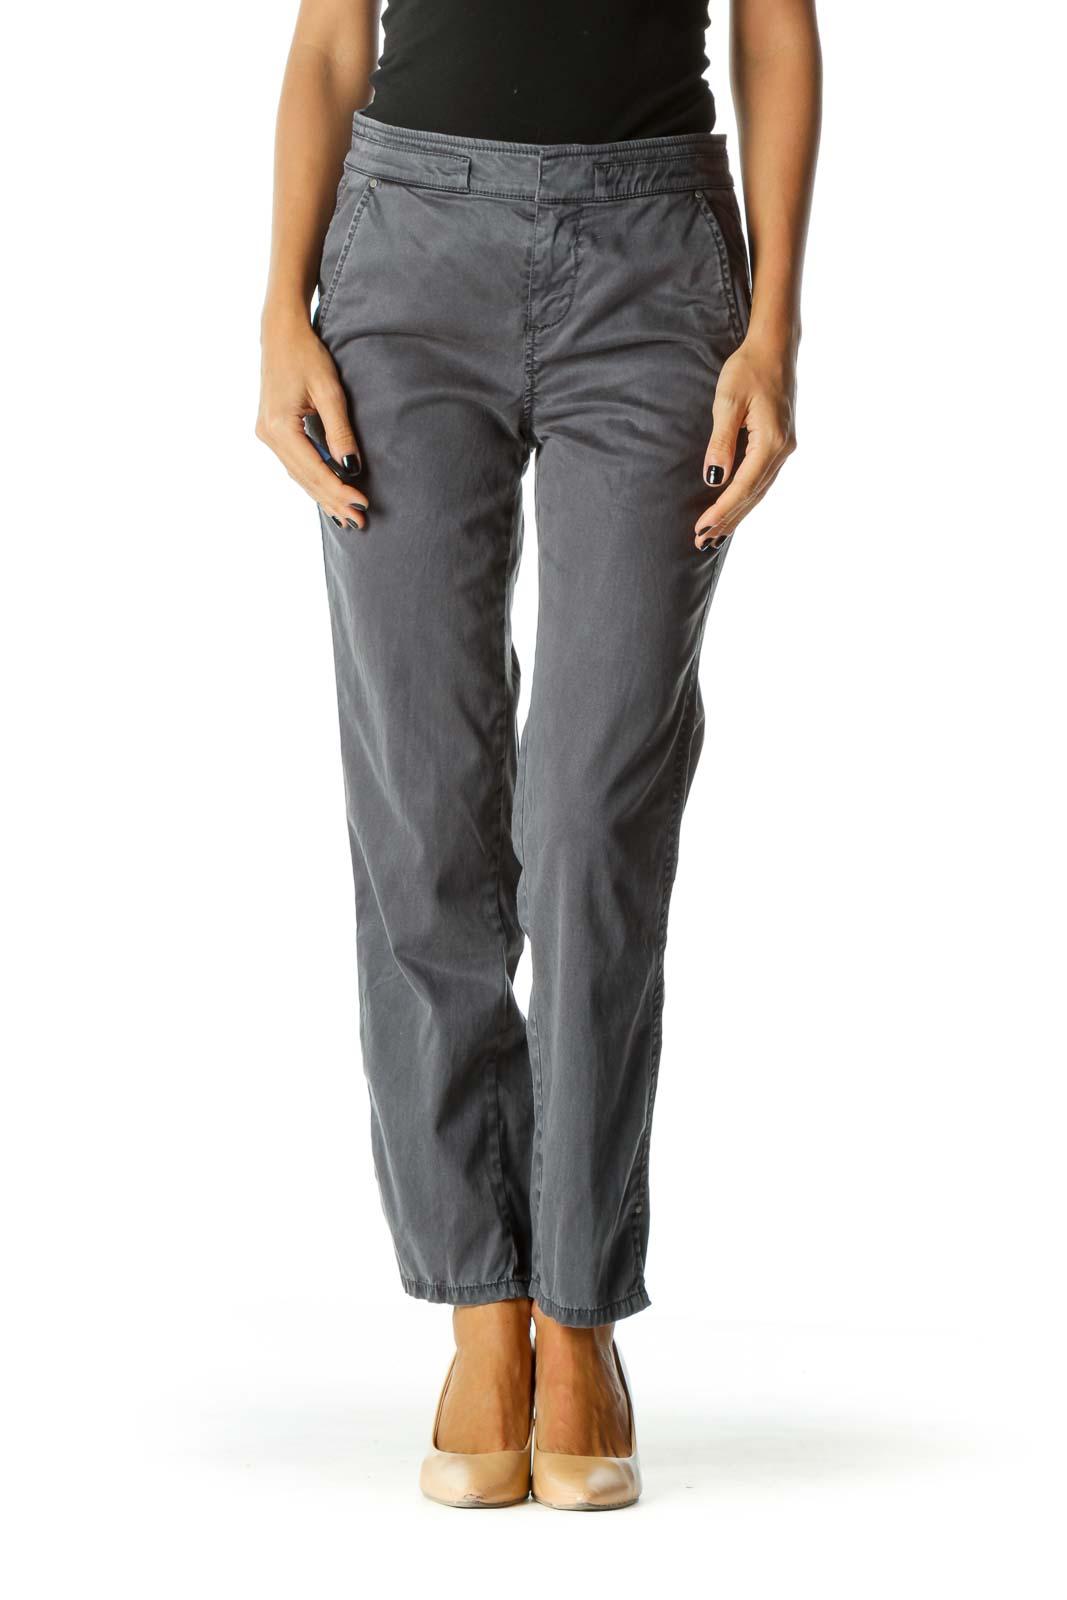 Gray Faded Wash Pocket3 Pants Front